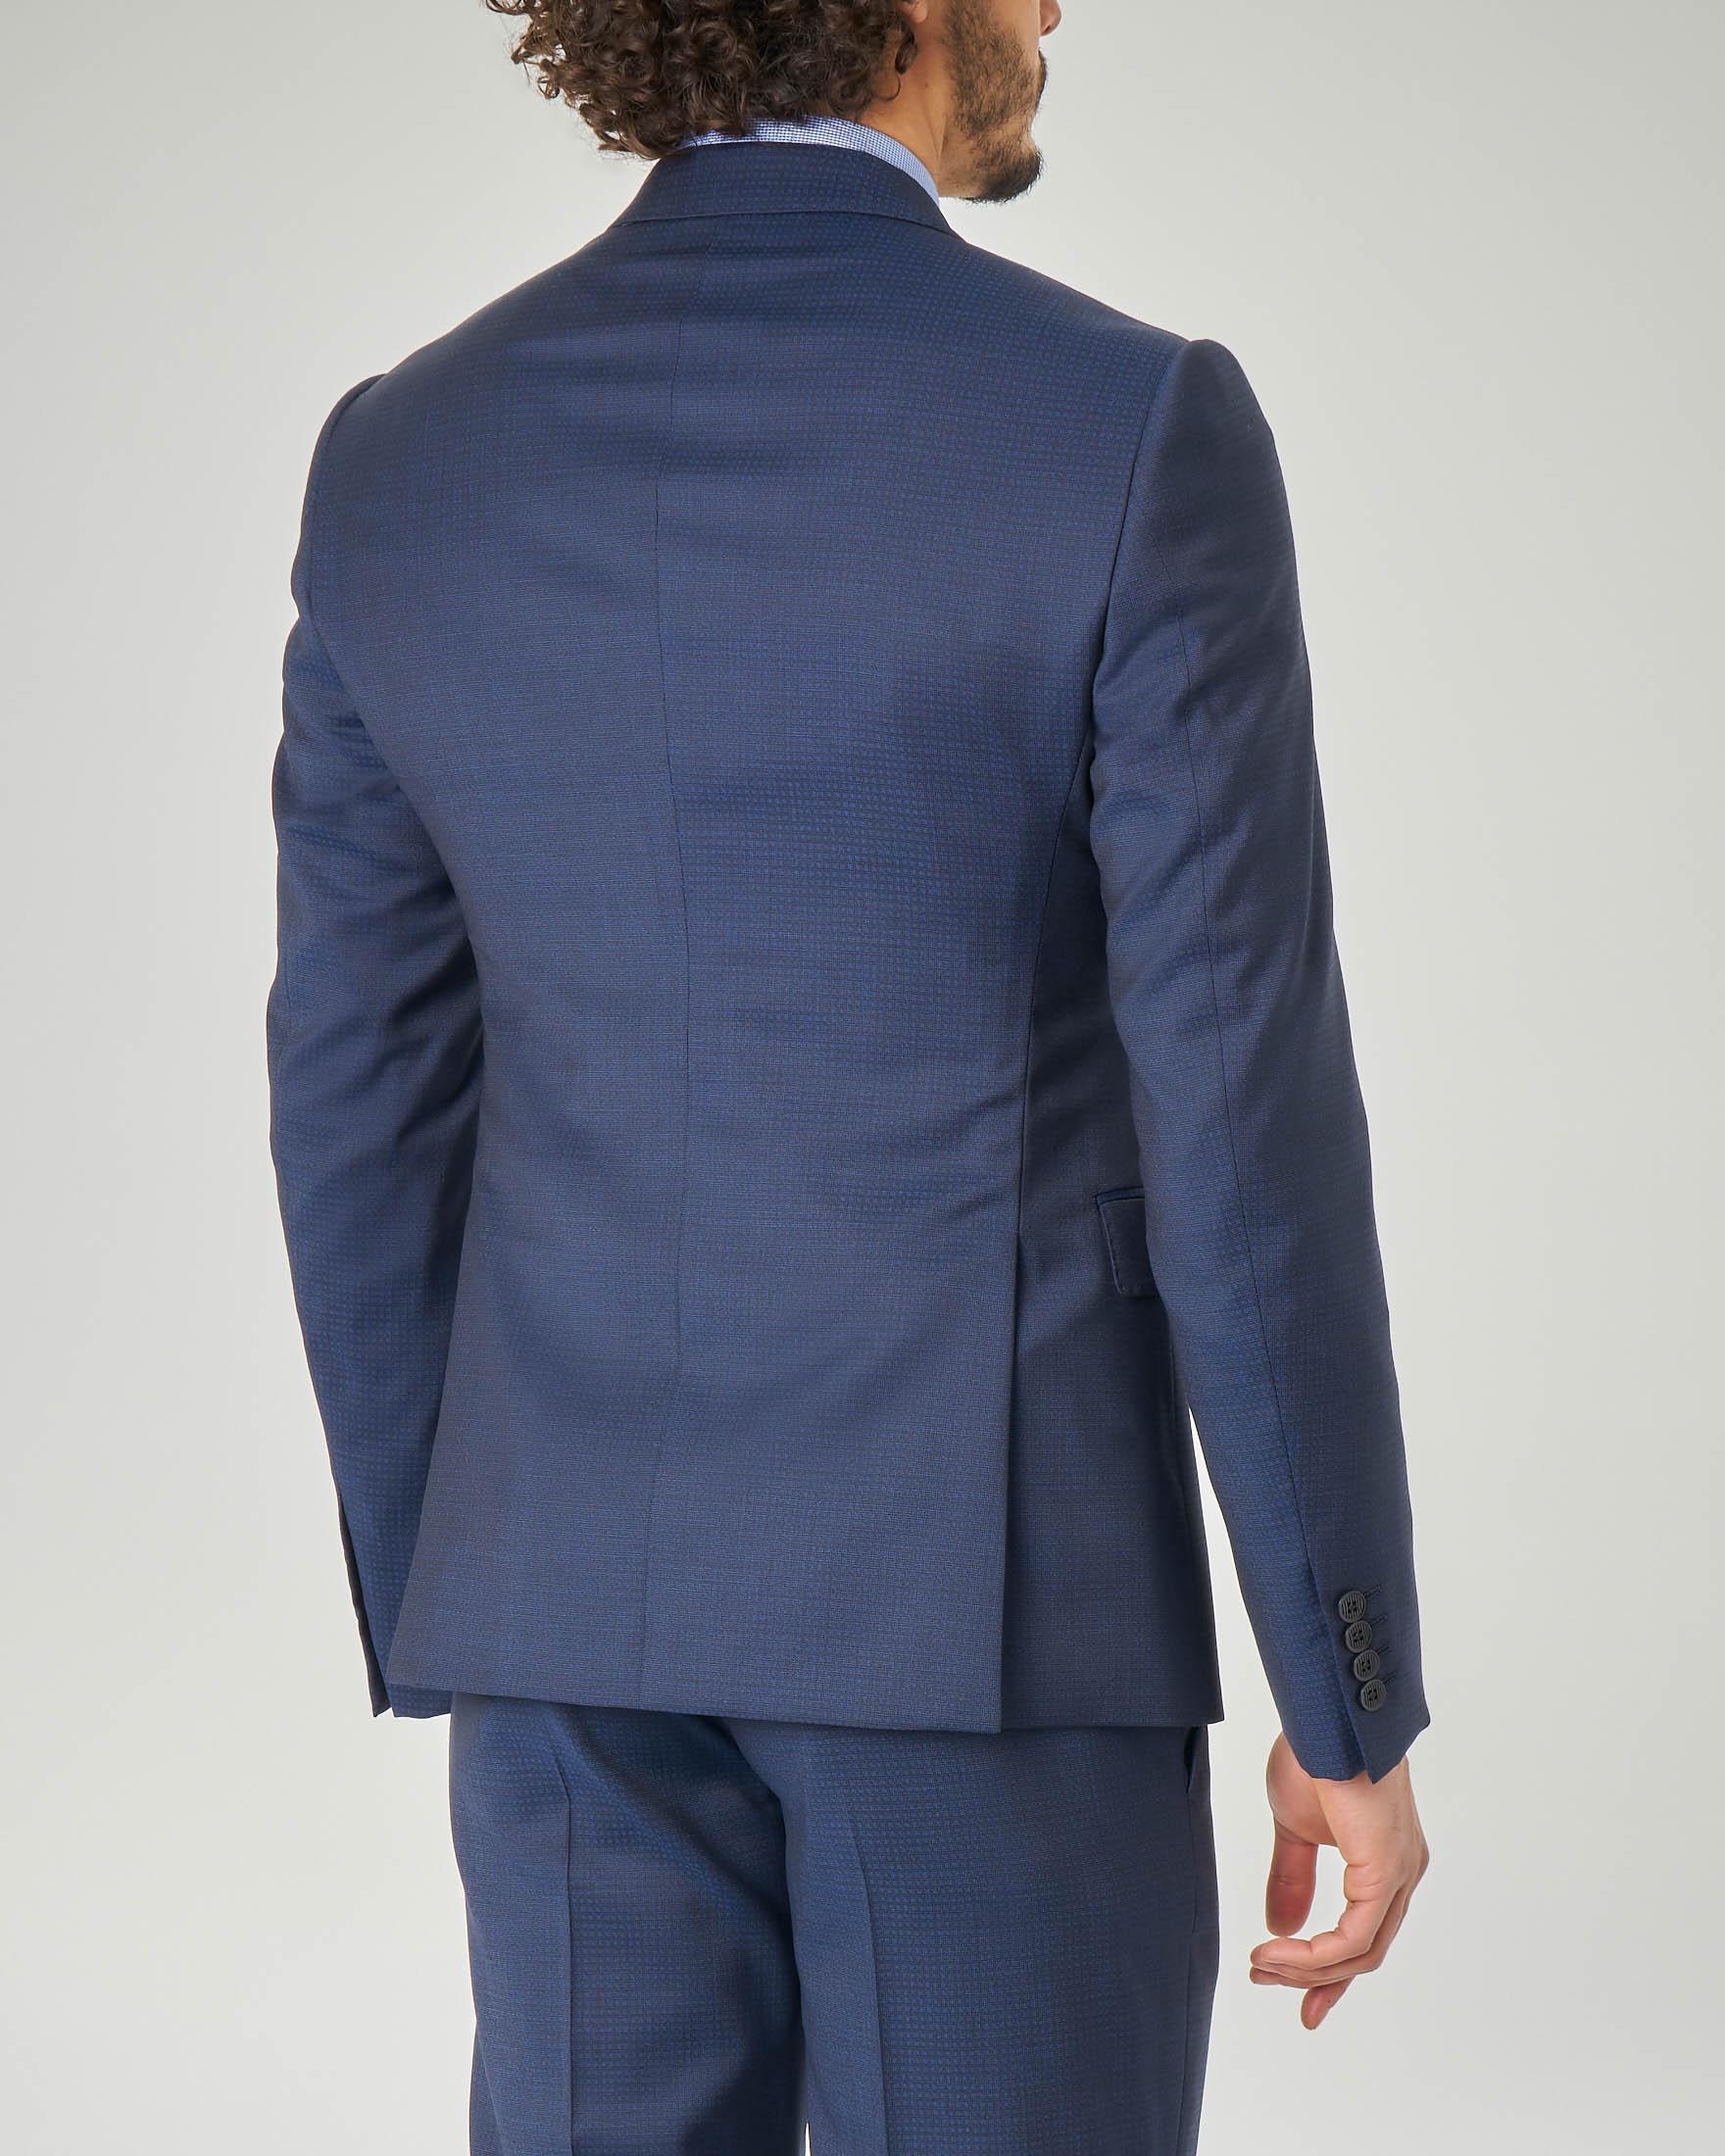 Abito blu micro-disegno in tela di lana